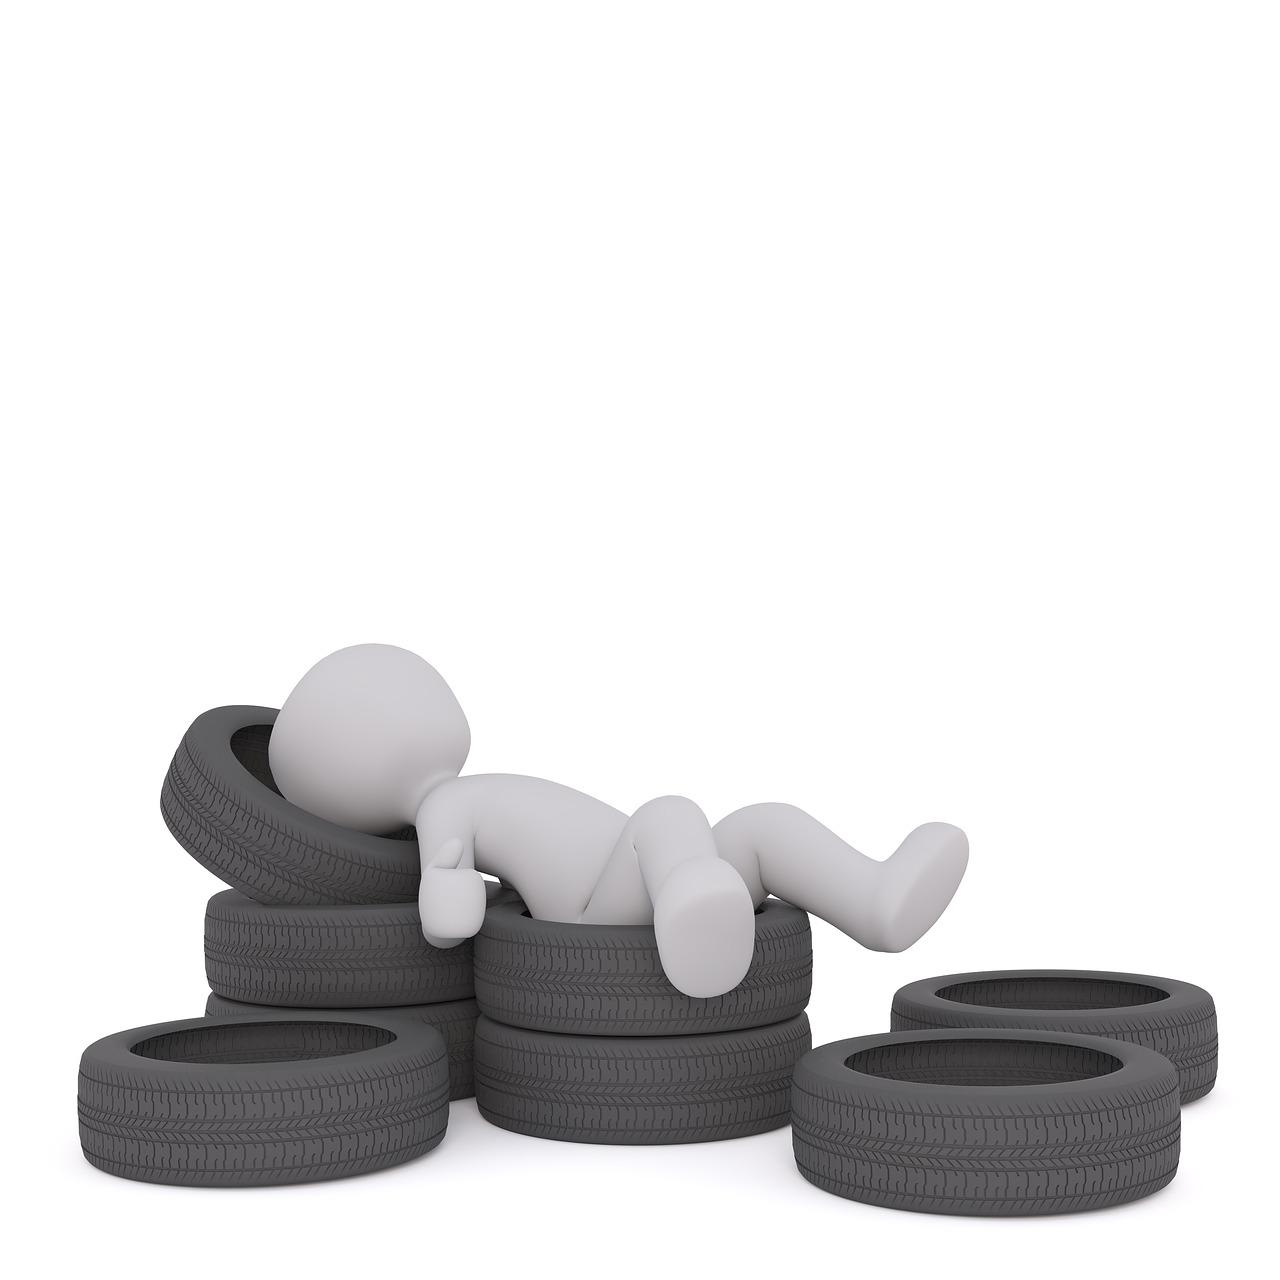 Pensez à changer vos pneus hiver pour des pneus d'été !